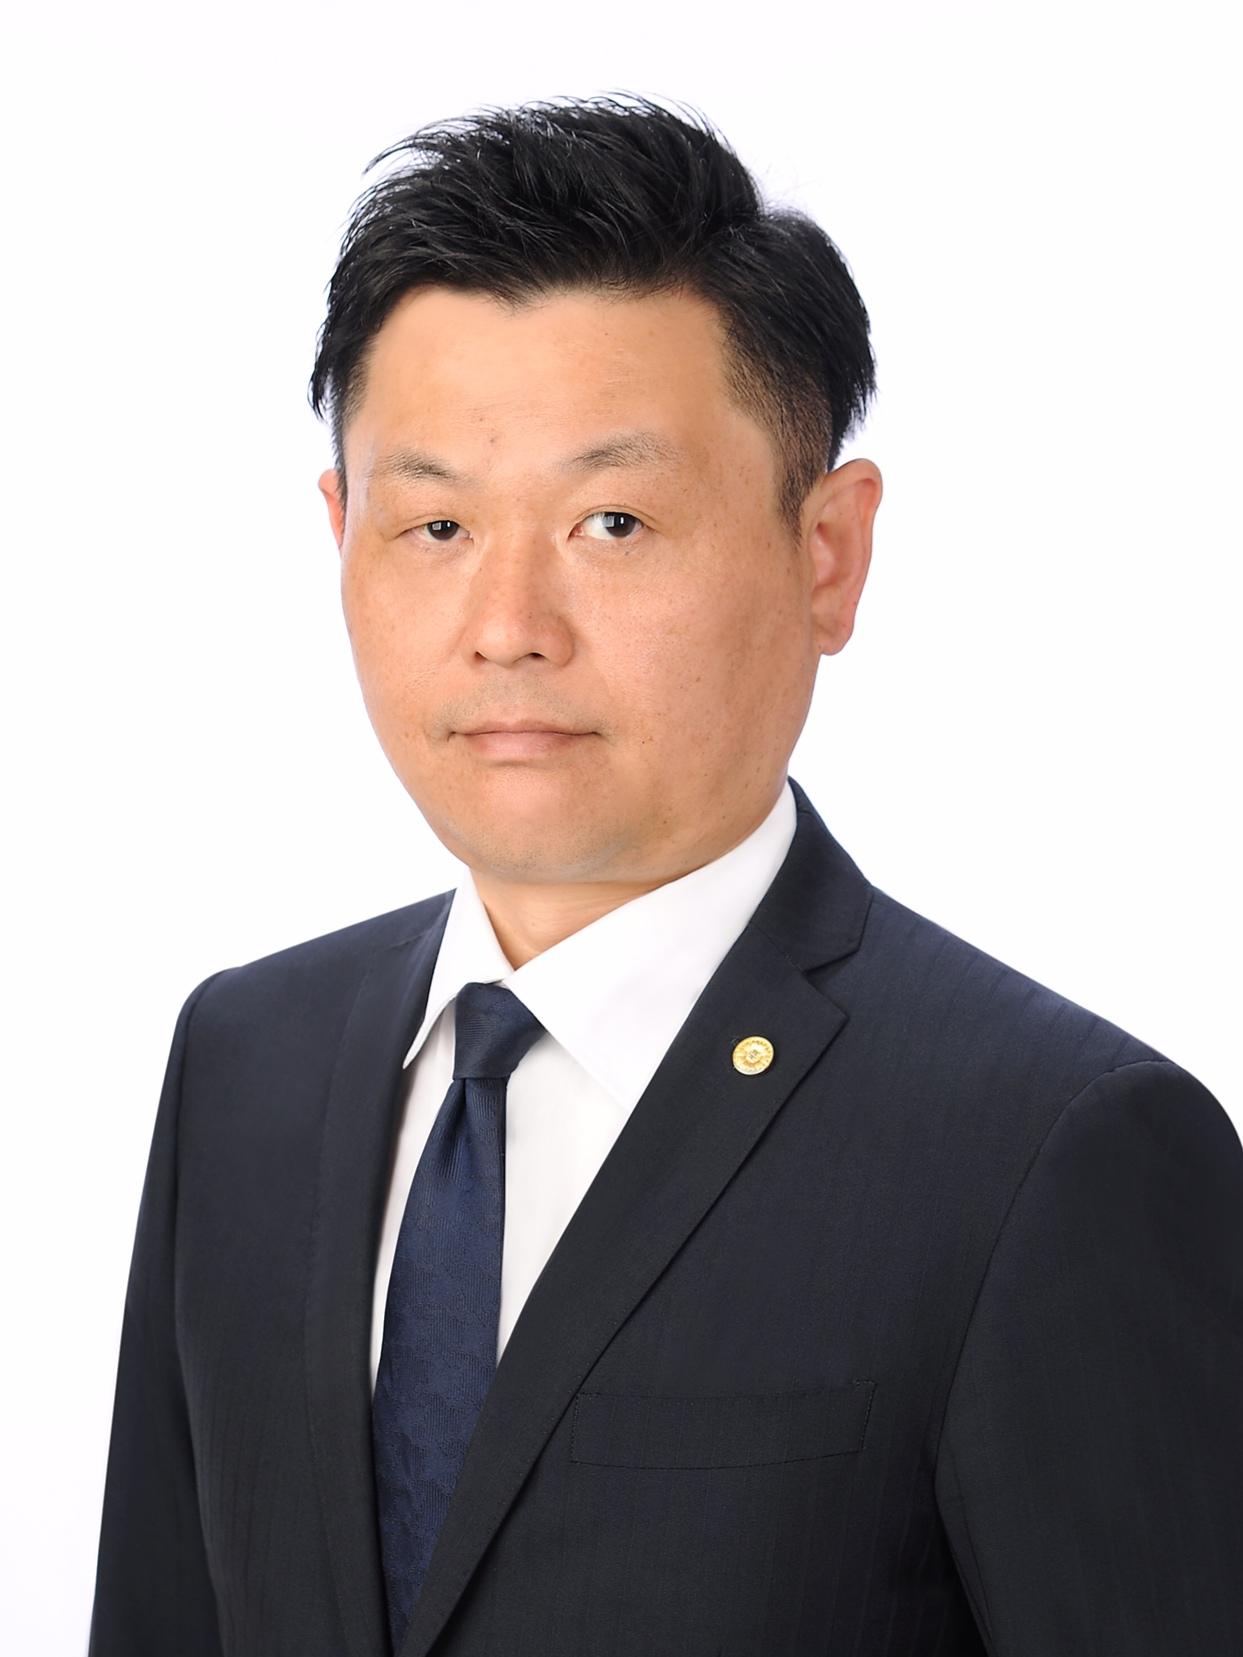 行政書士アピス法務事務所